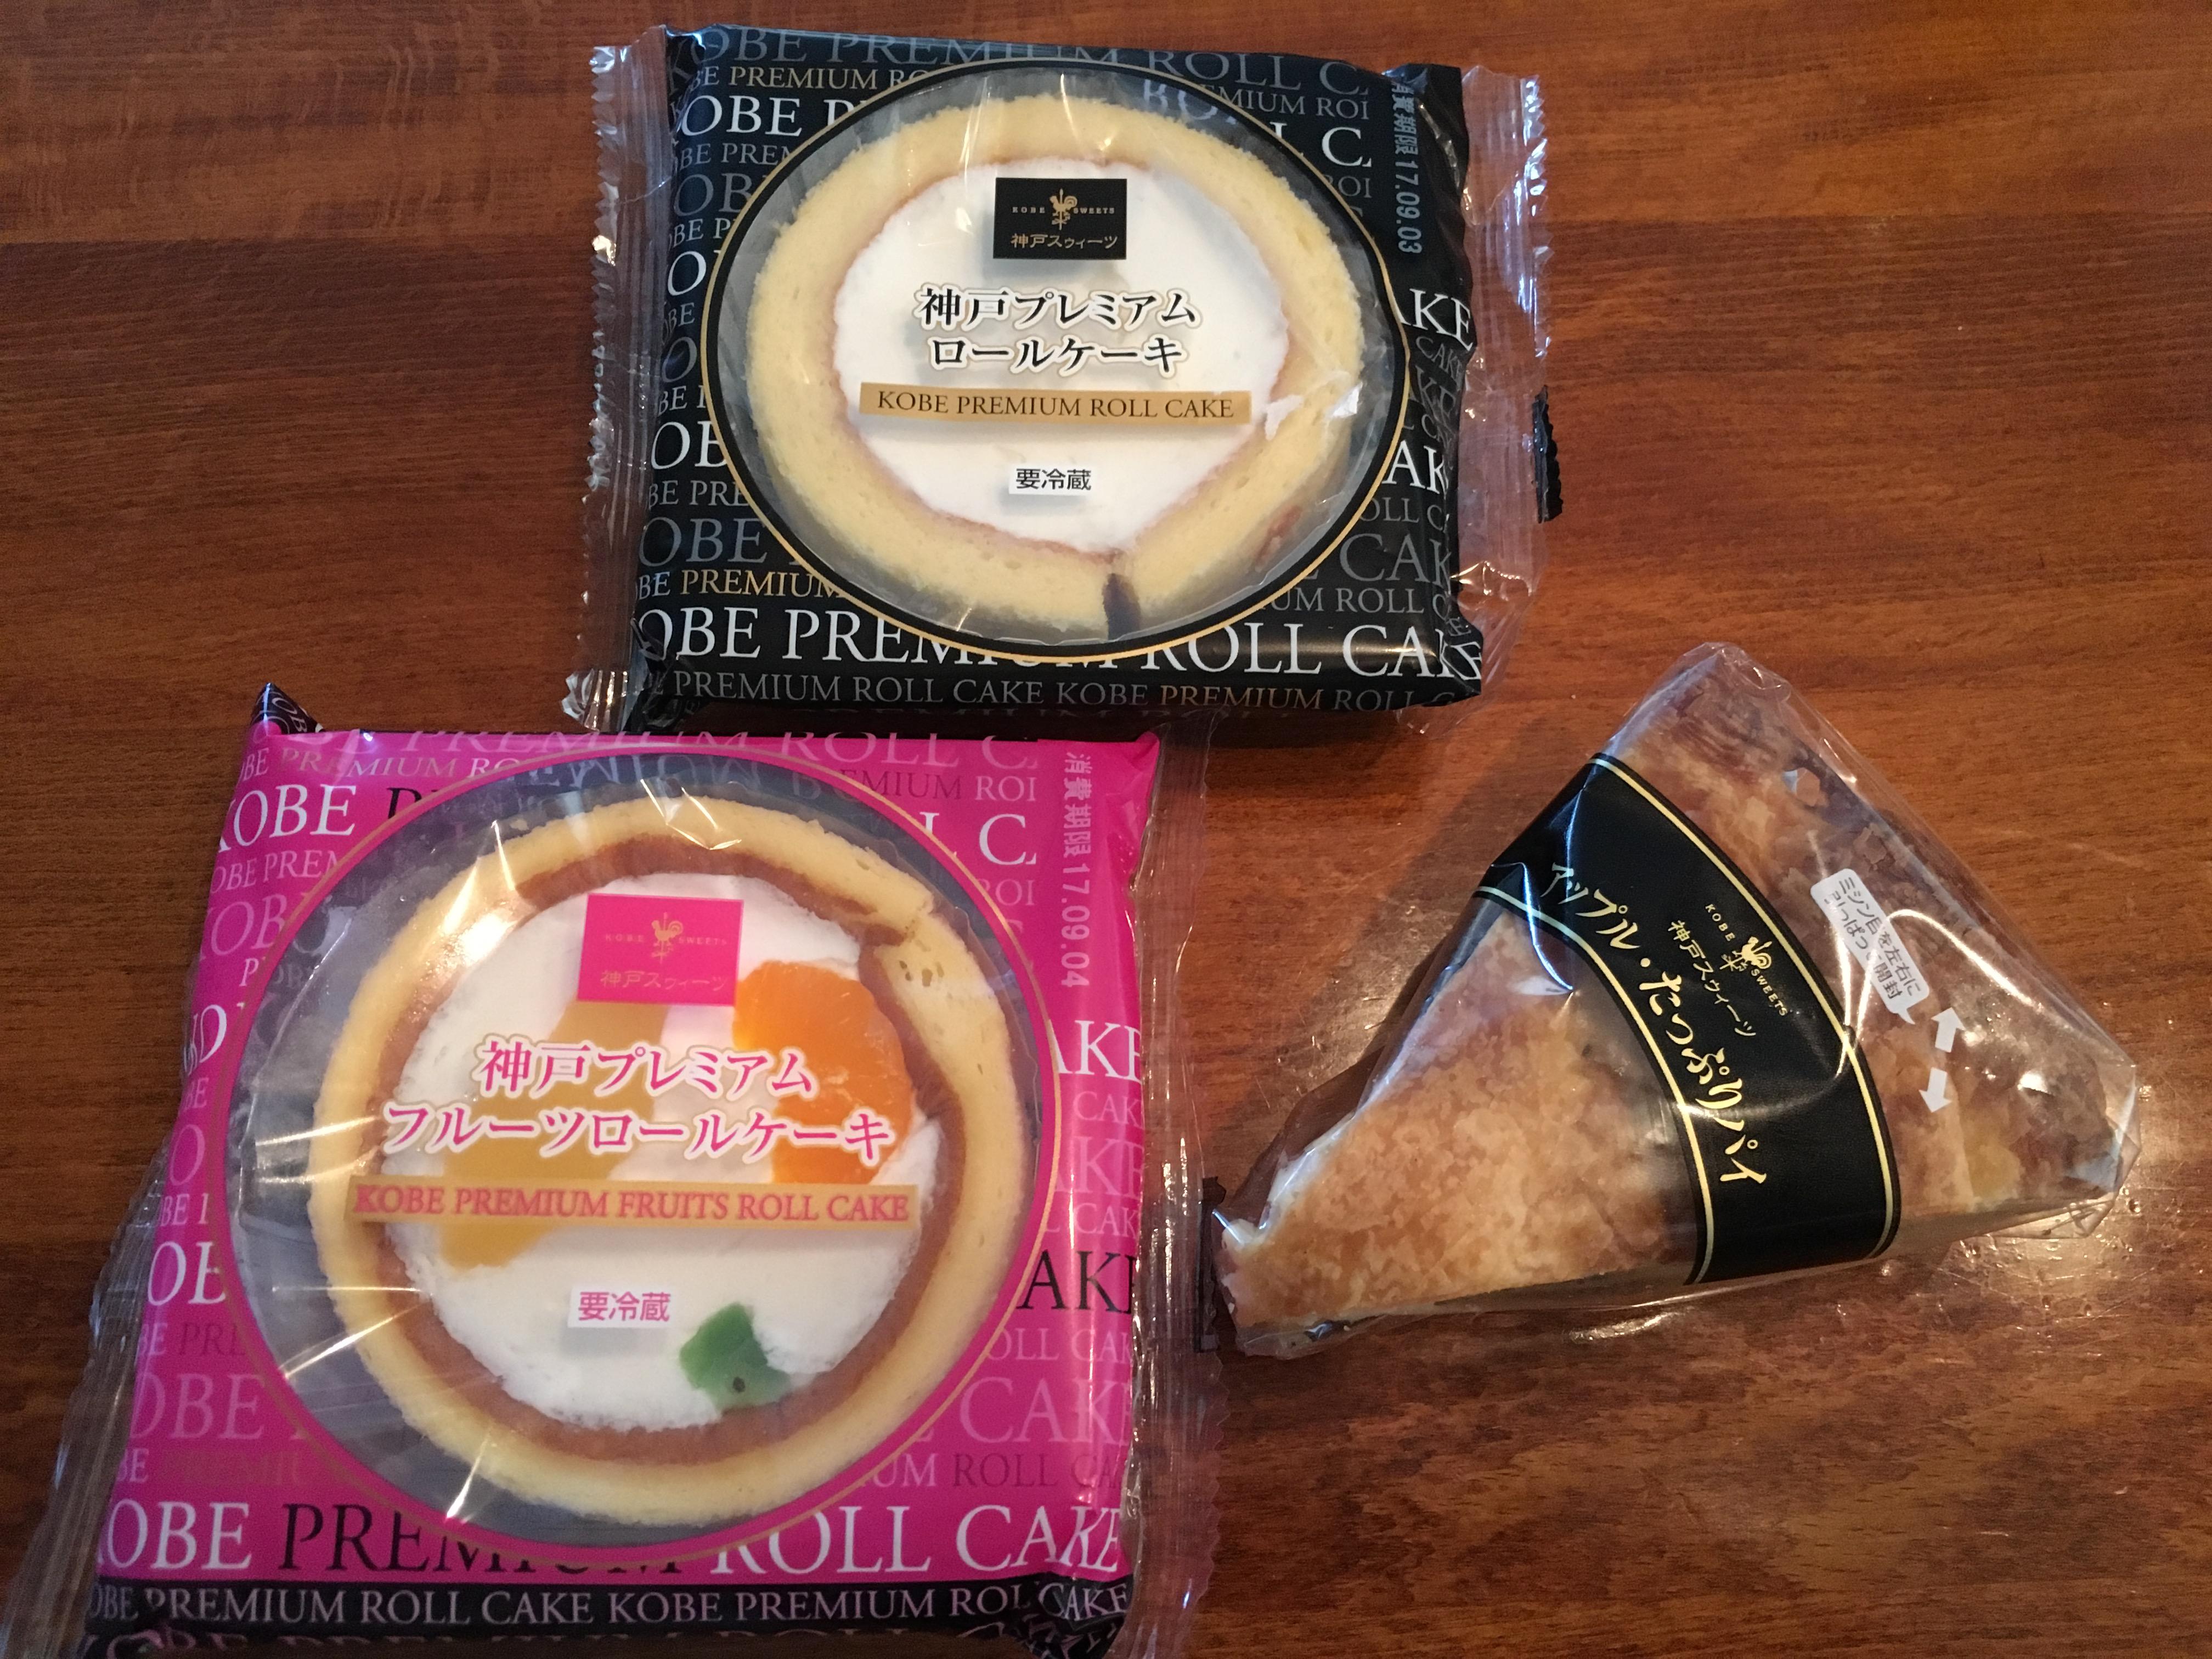 神戸サンローゼの人気洋菓子3種類を食べた感想!1番美味しいのはこれだ!